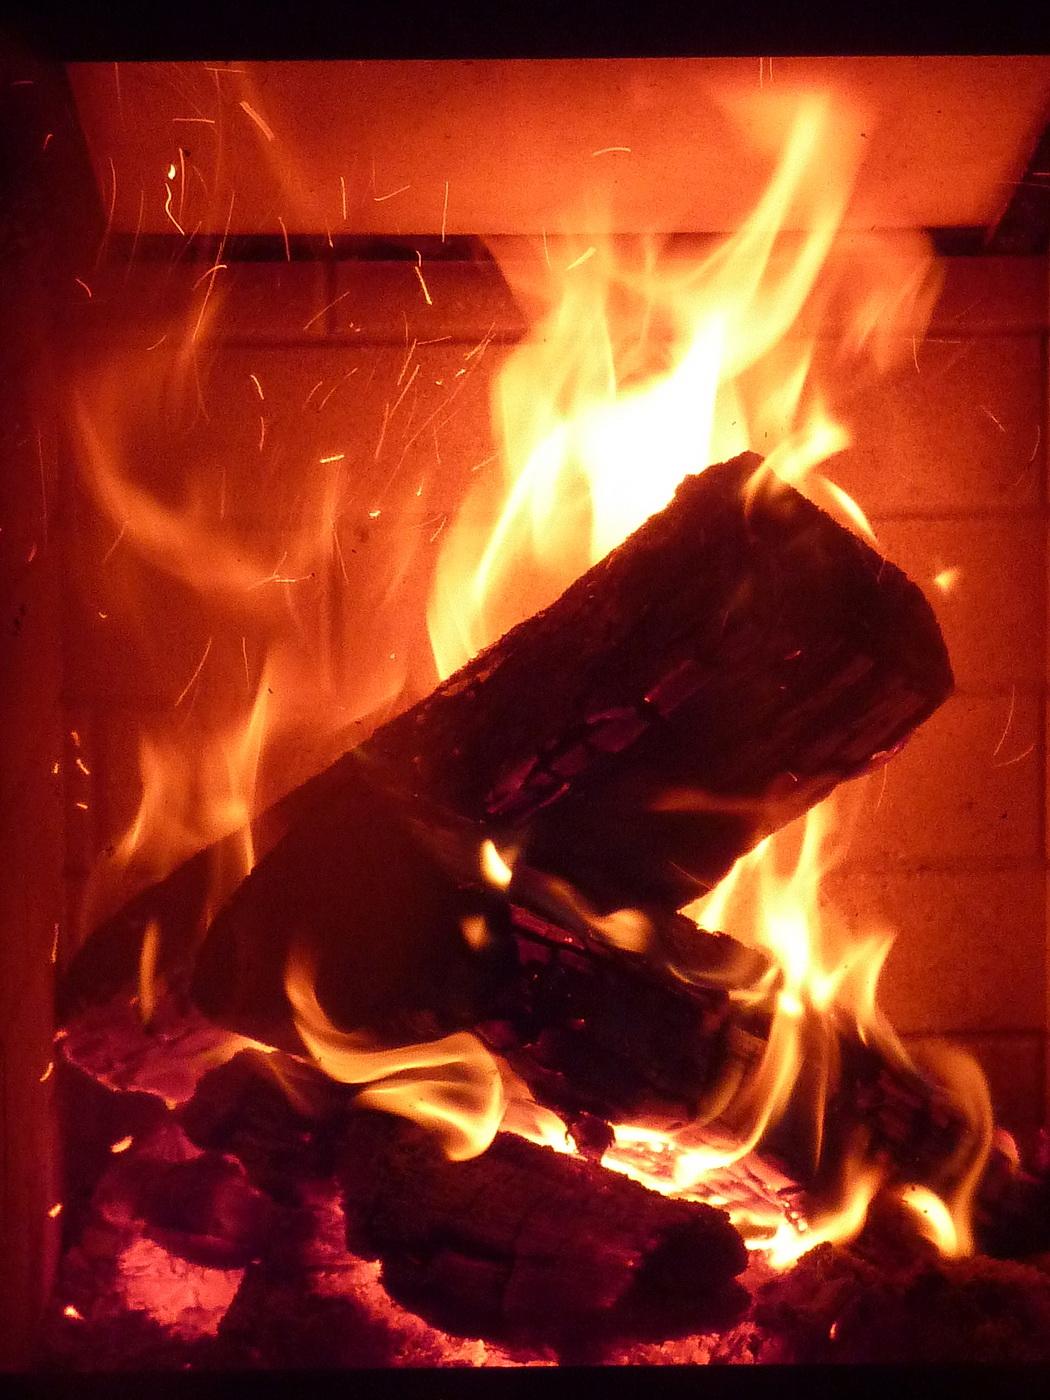 Genießen Sie ein gemütliches Kaminfeuer am Abend!